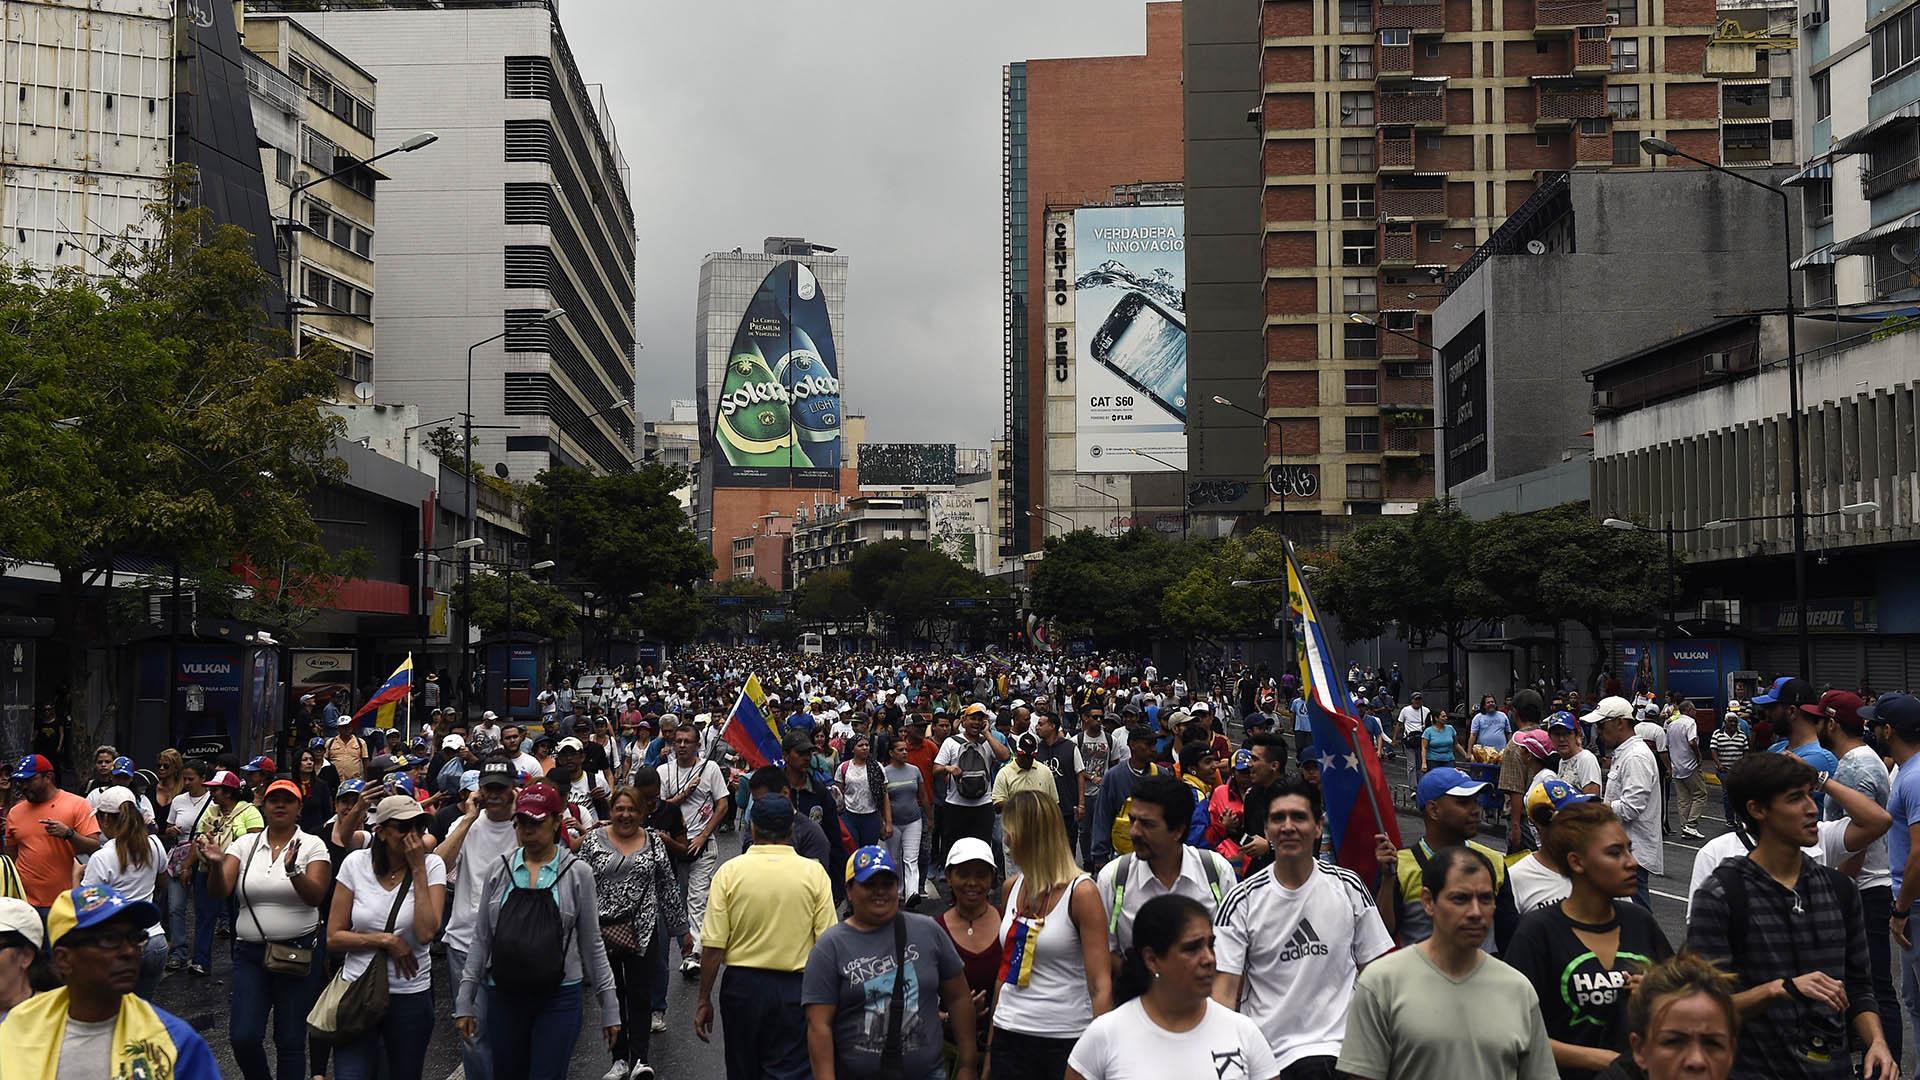 La manifestación también coincide con el Golpe de Estado del 23 de enero de 1958 que puso fin a la dictadura del general Marcos Pérez Jiménez